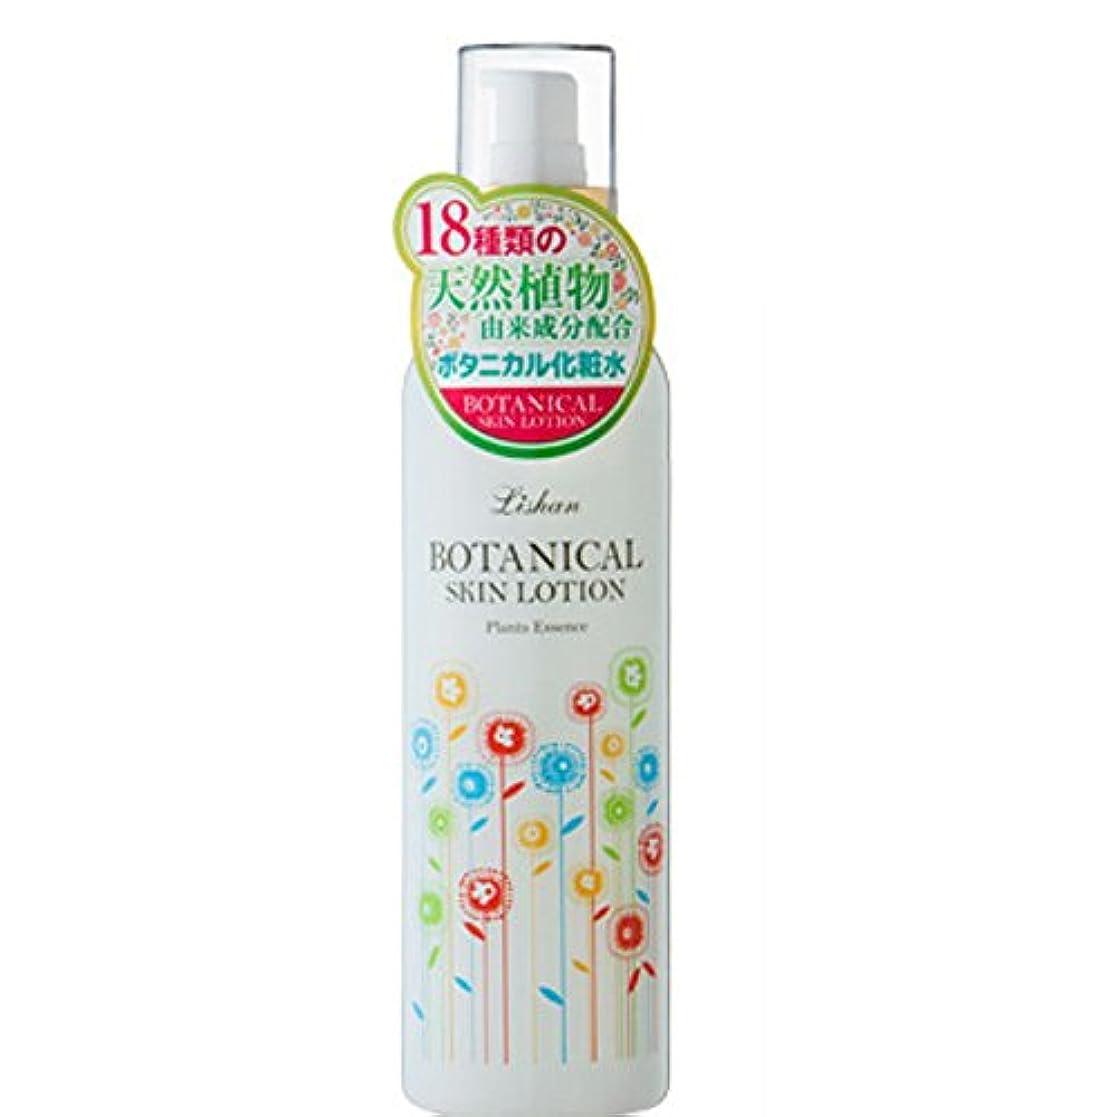 調和ヒゲスリーブアイスタイル リシャン ボタニカル化粧水 フローラルの香り 260ml